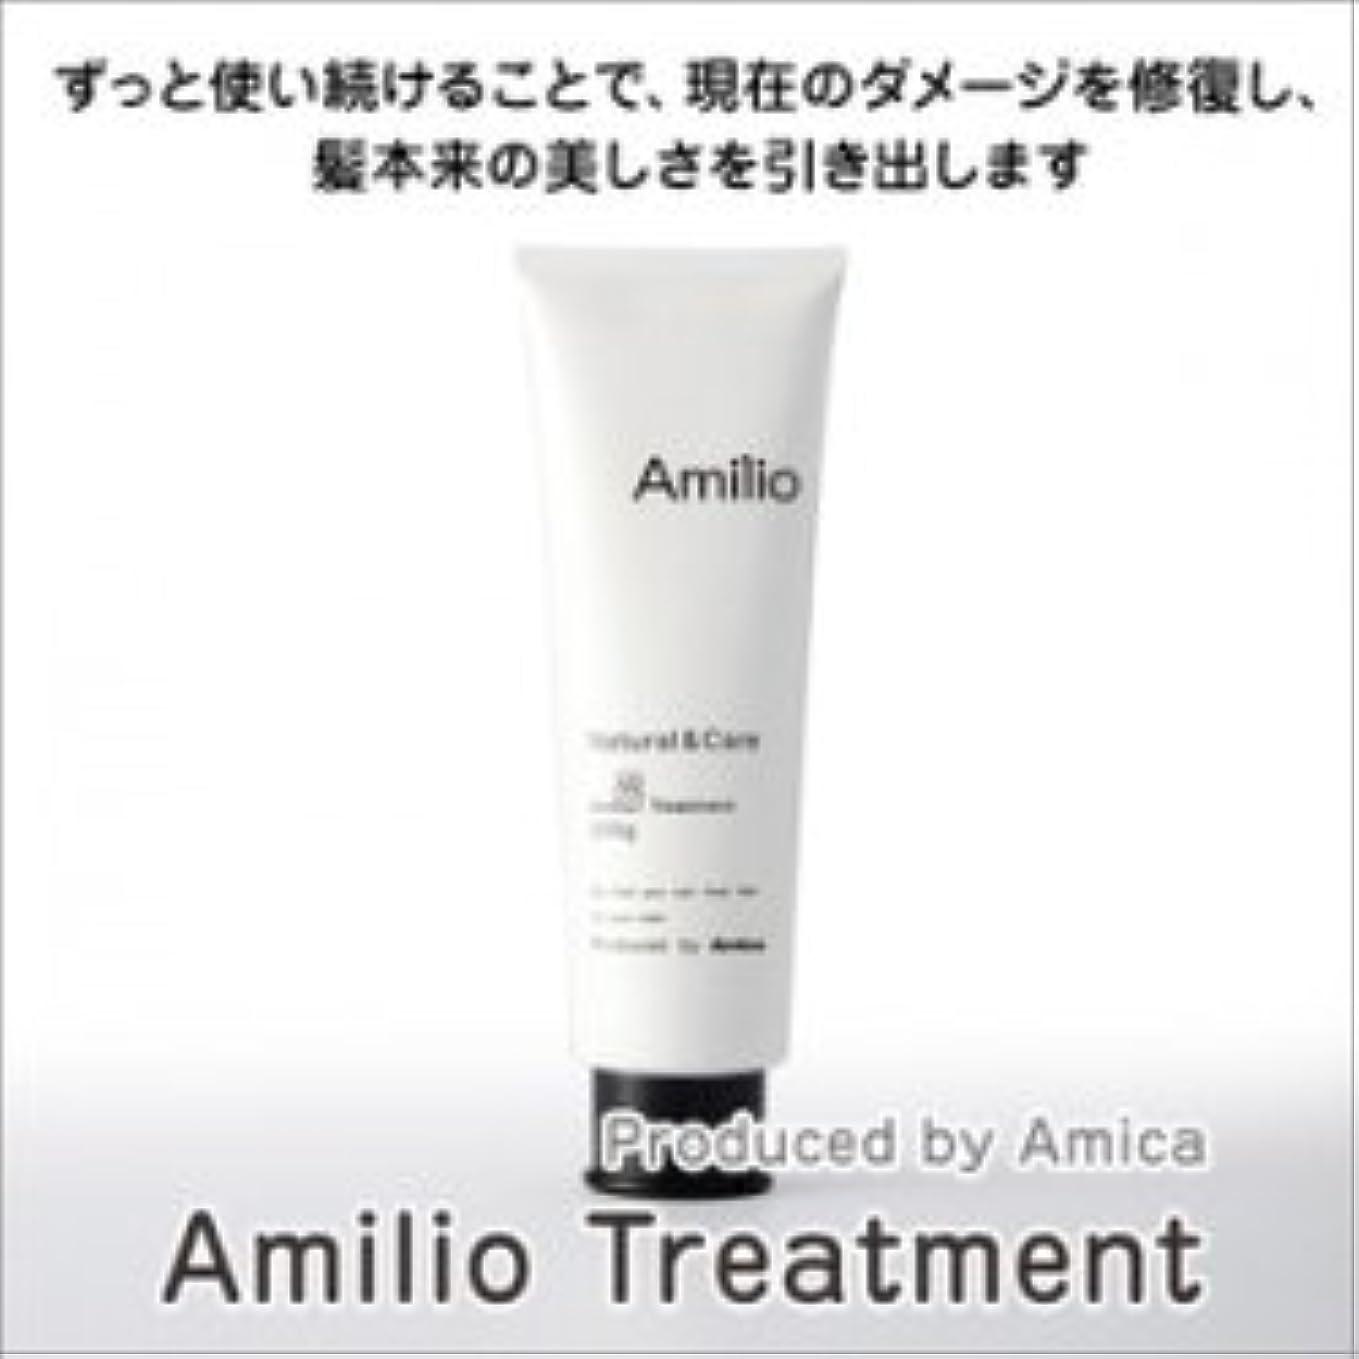 疫病言い換えるとベッドを作る【Amilio / アミリオール】 美容師がこだわってつくったトリートメント 200ml